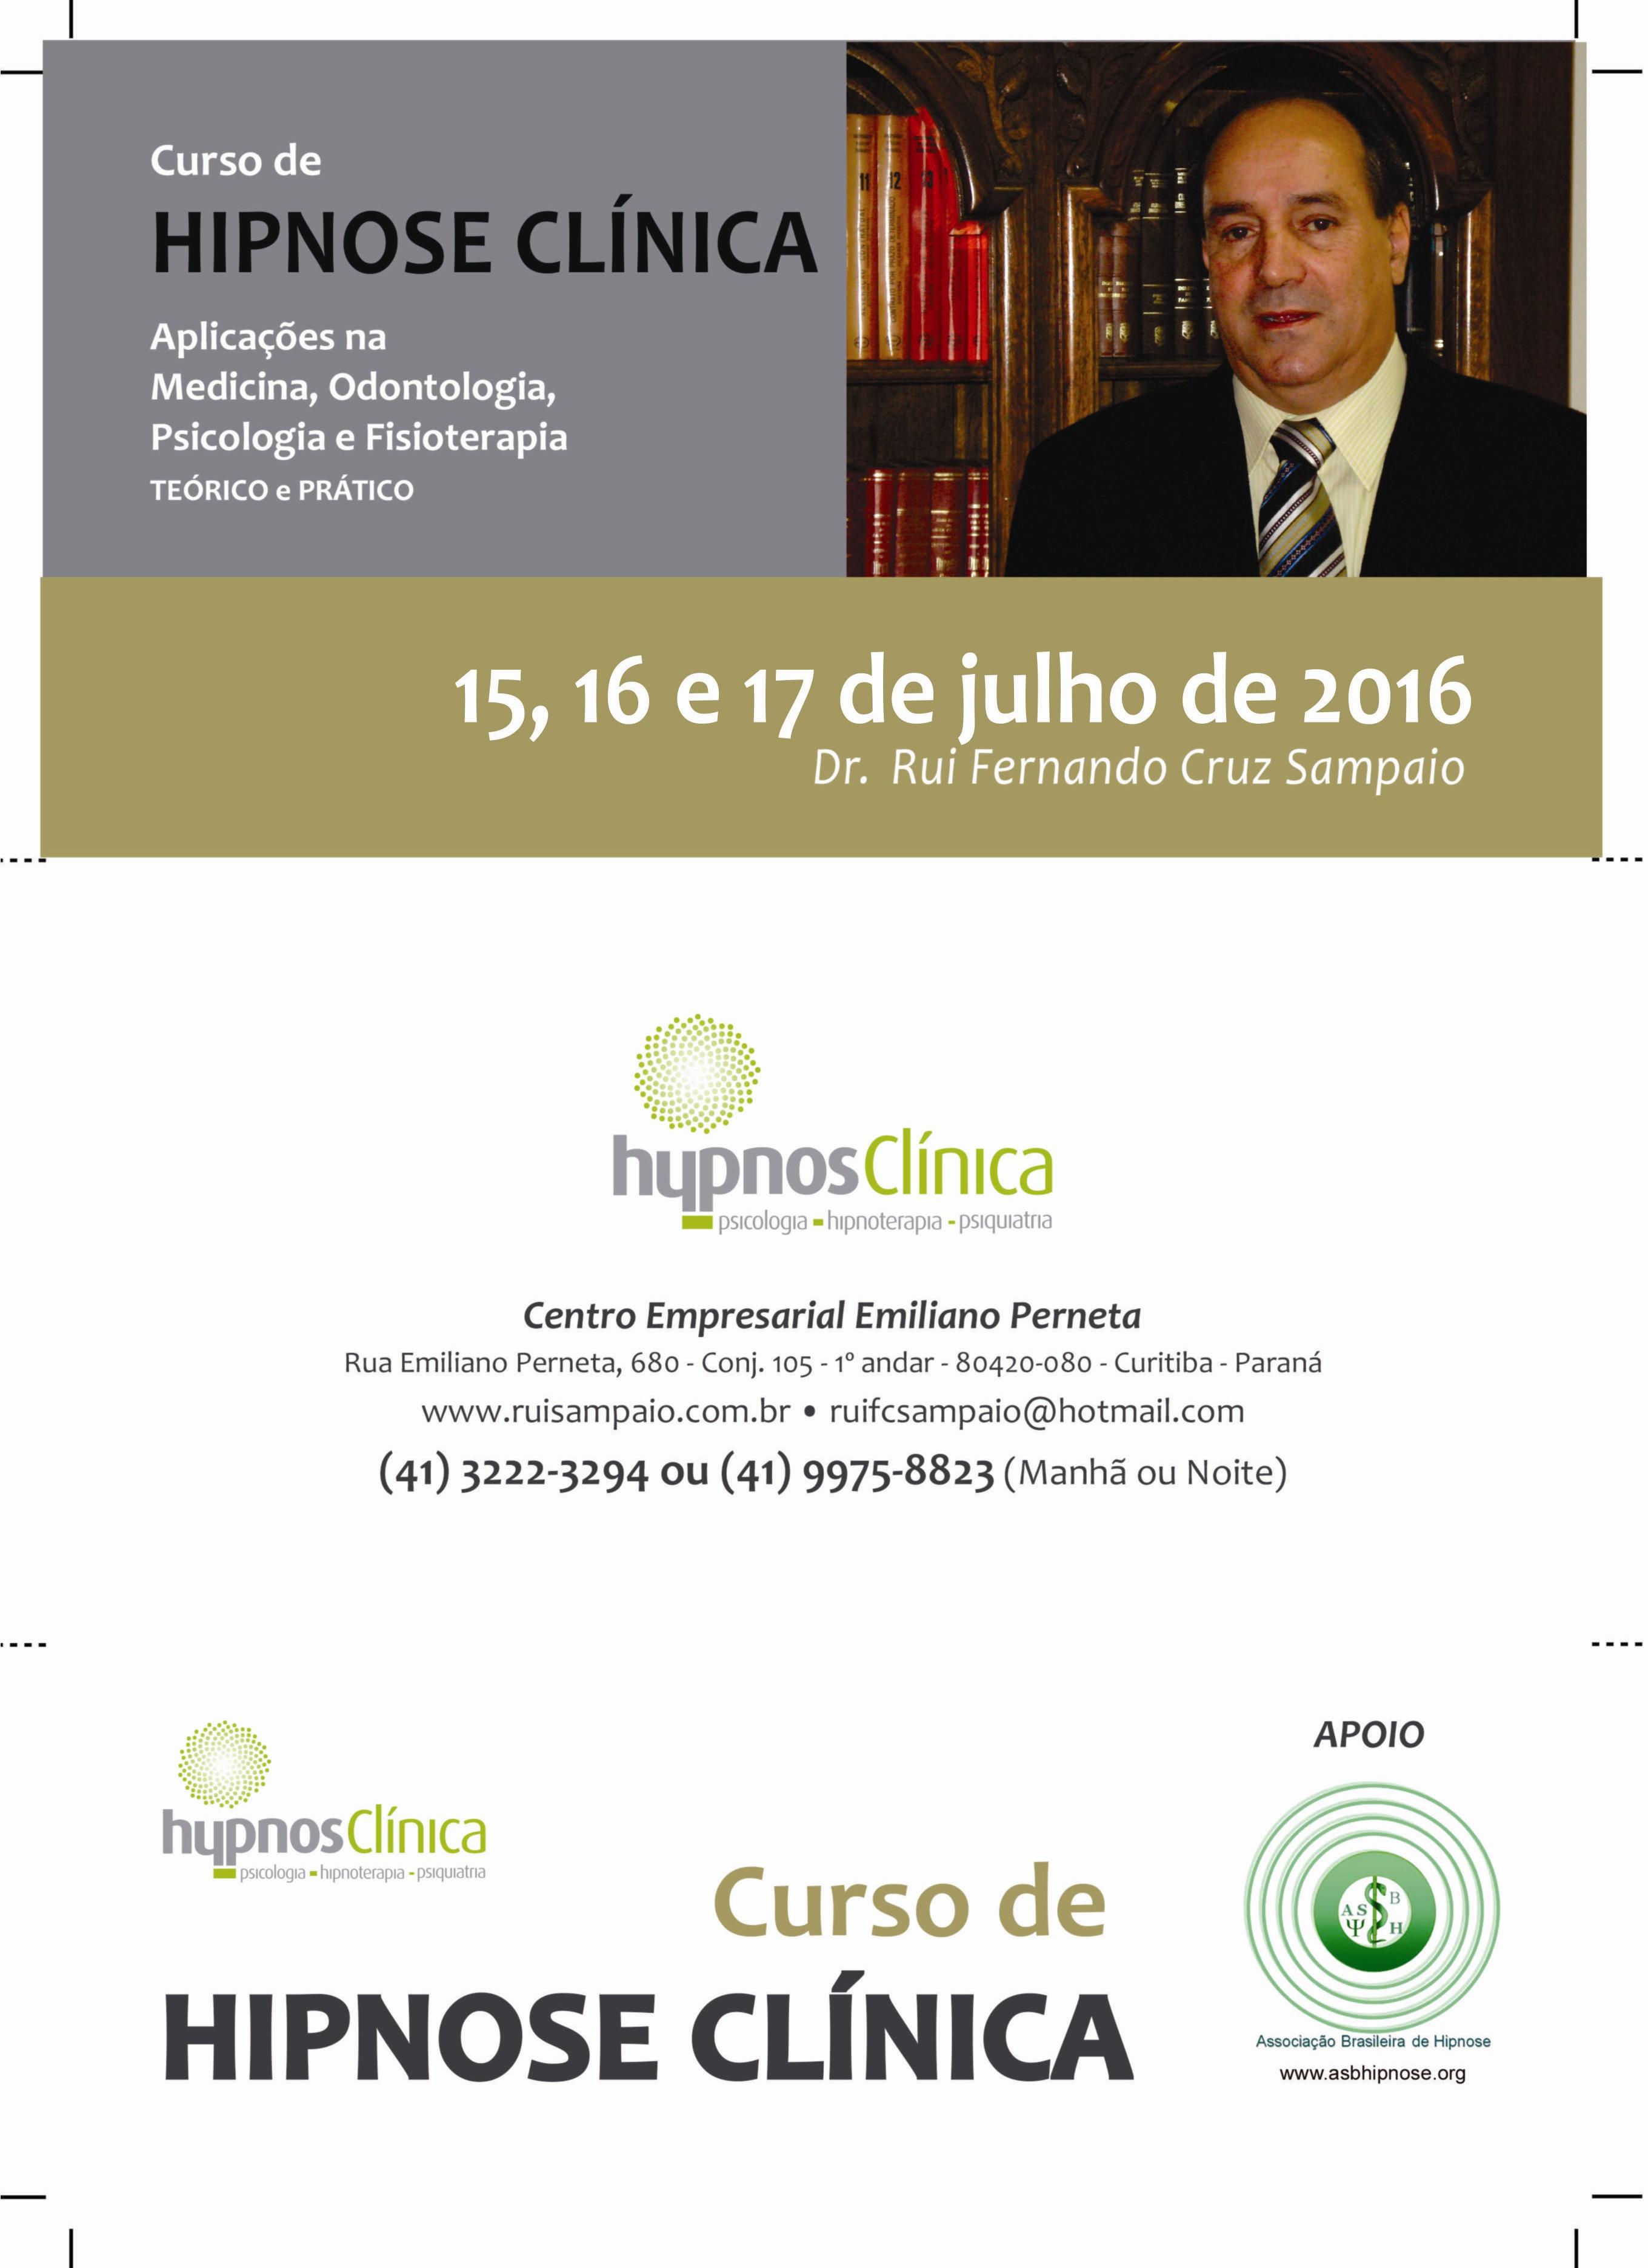 Curso de Hipnose Clínica - Dr. Rui Sampaio